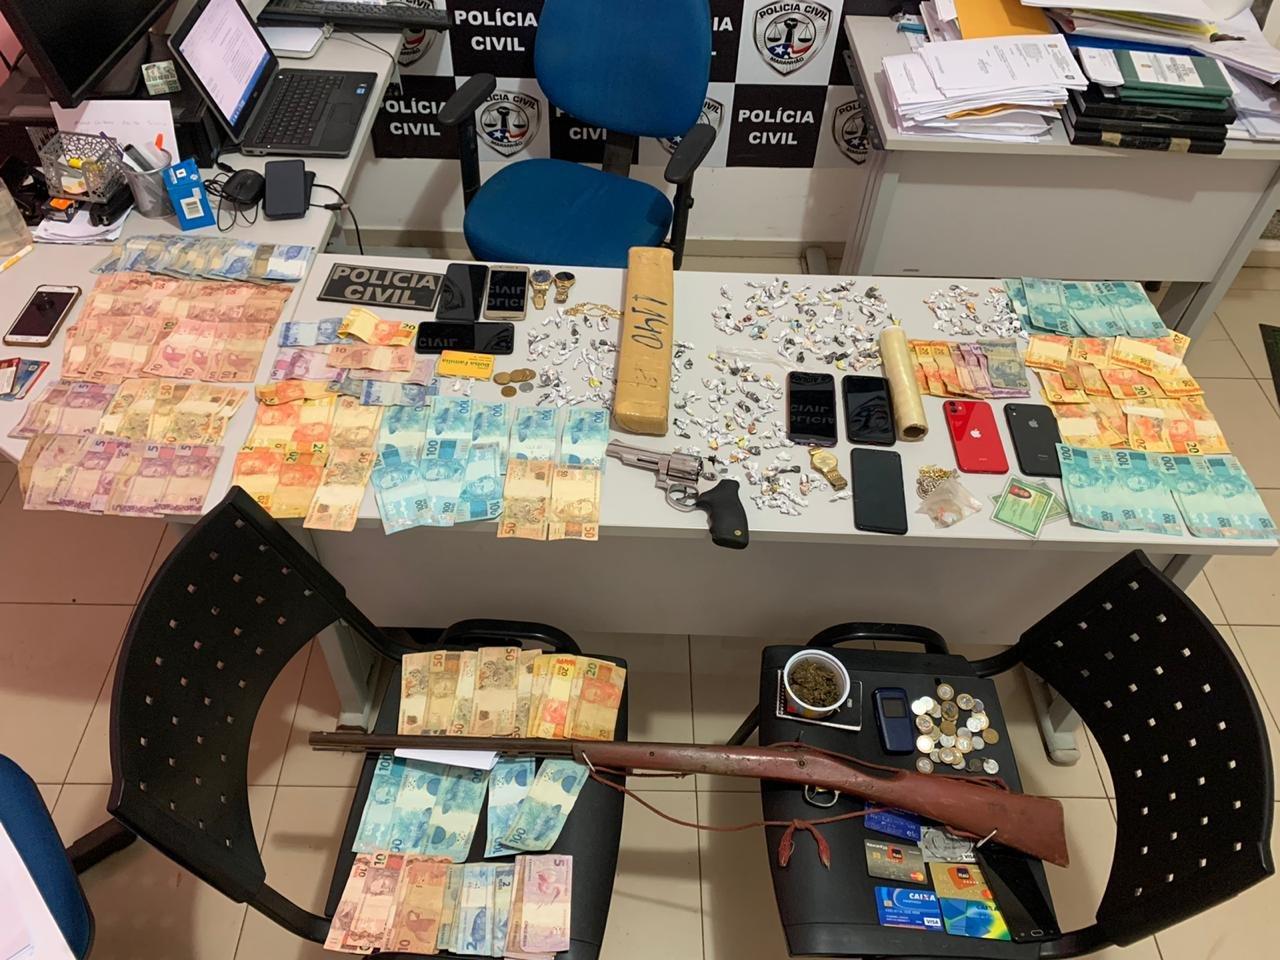 POLÍCIA CIVIL REALIZA SEGUNDA FASE DA OPERAÇÃO TARÔ COM 15 PRISÕES EM MIRANDA DO NORTE/MA